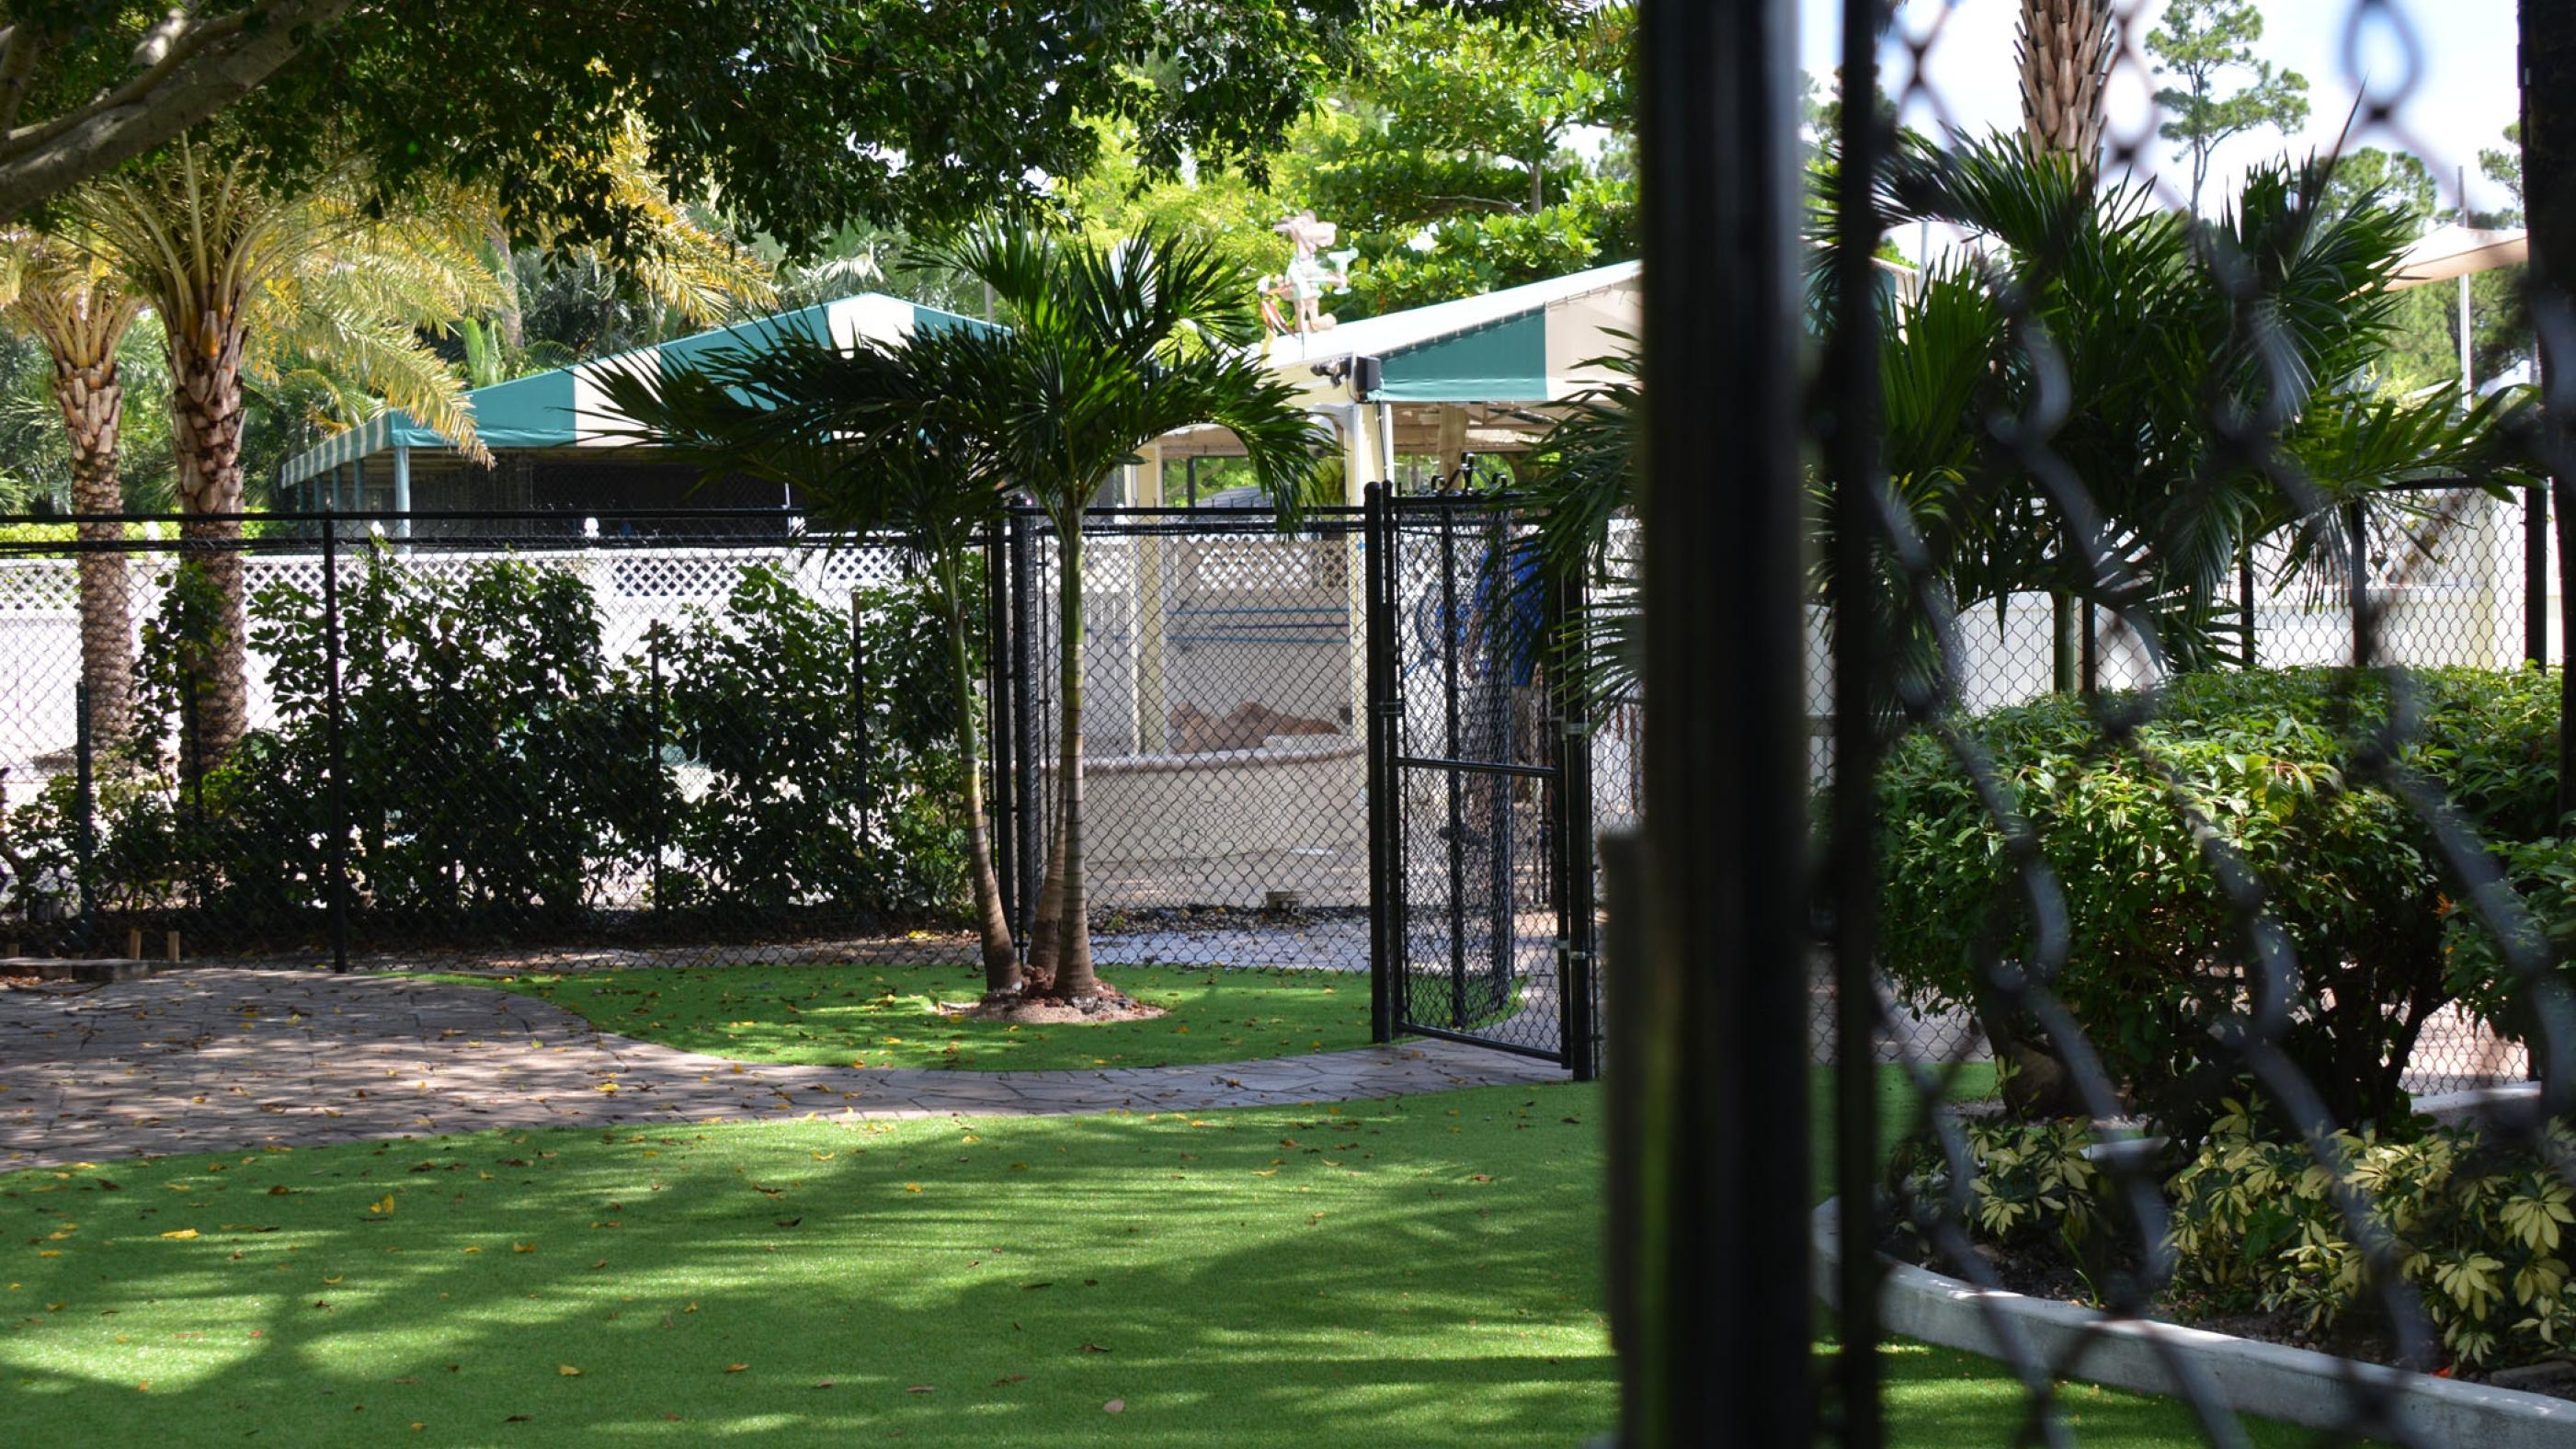 Backyard Ideas with Fake Grass Florin, California